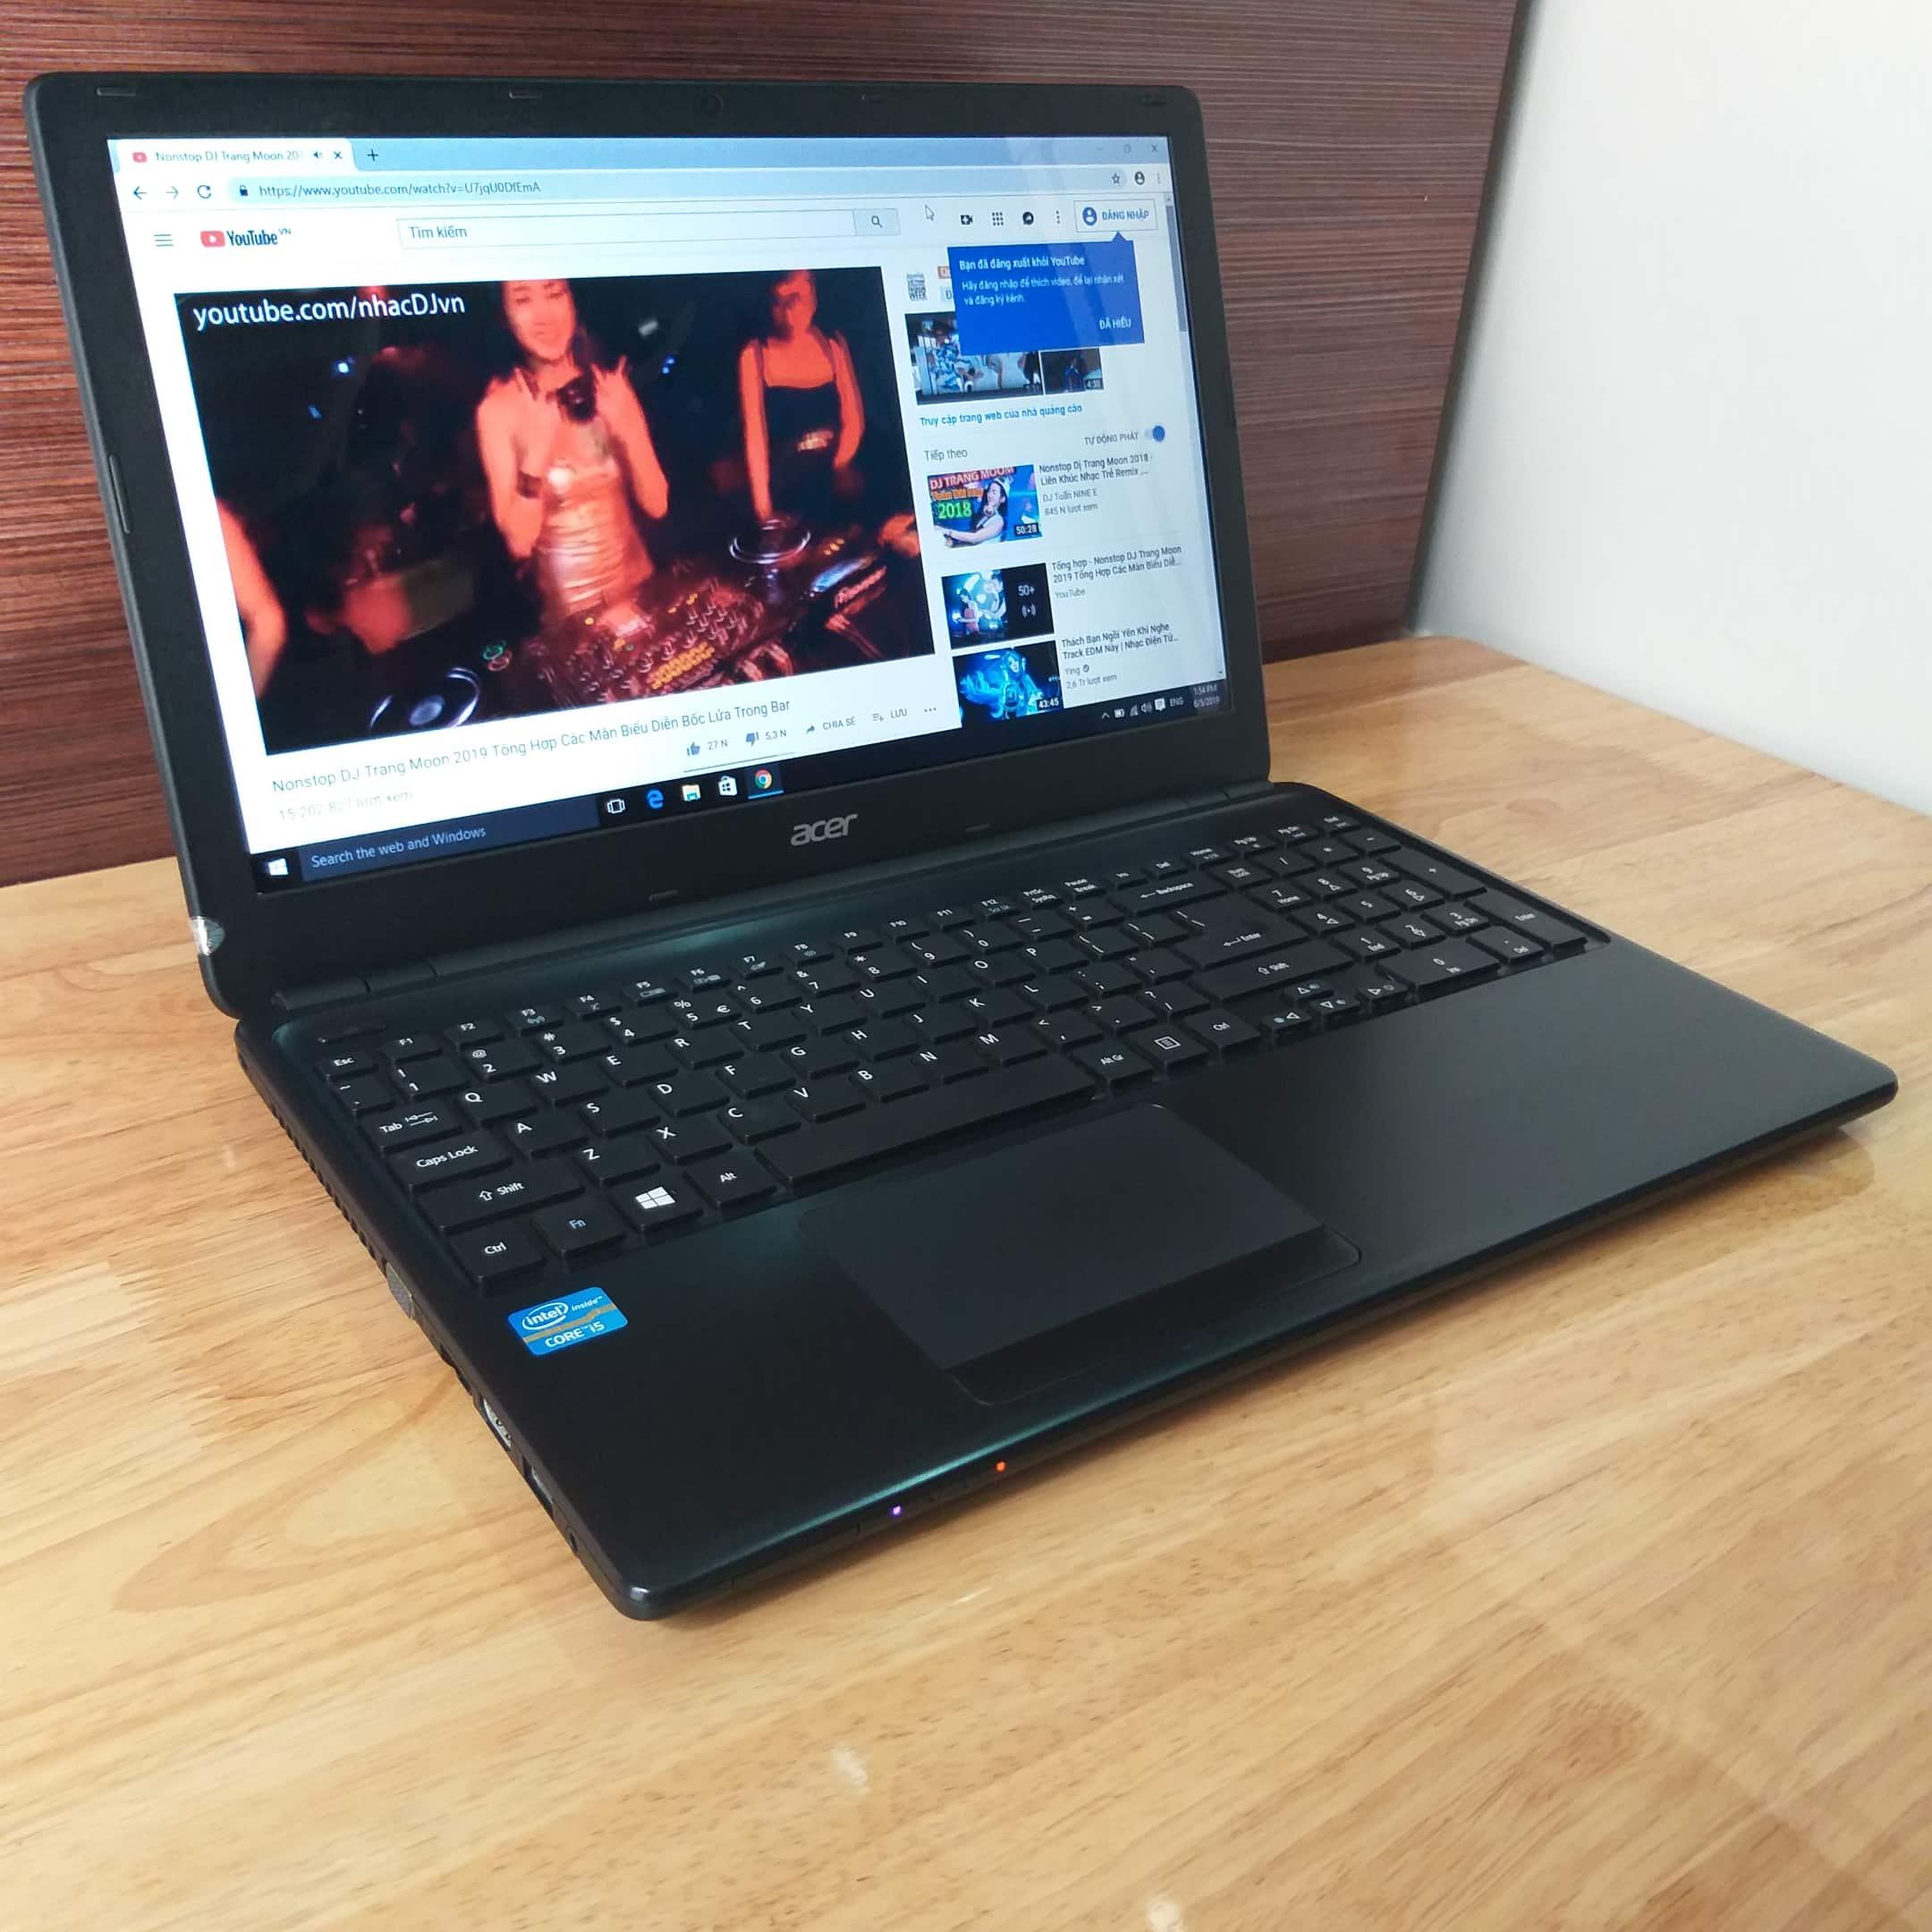 Acer Aspire E1-570, I5 3337U RAM 4GB HDD 500GB